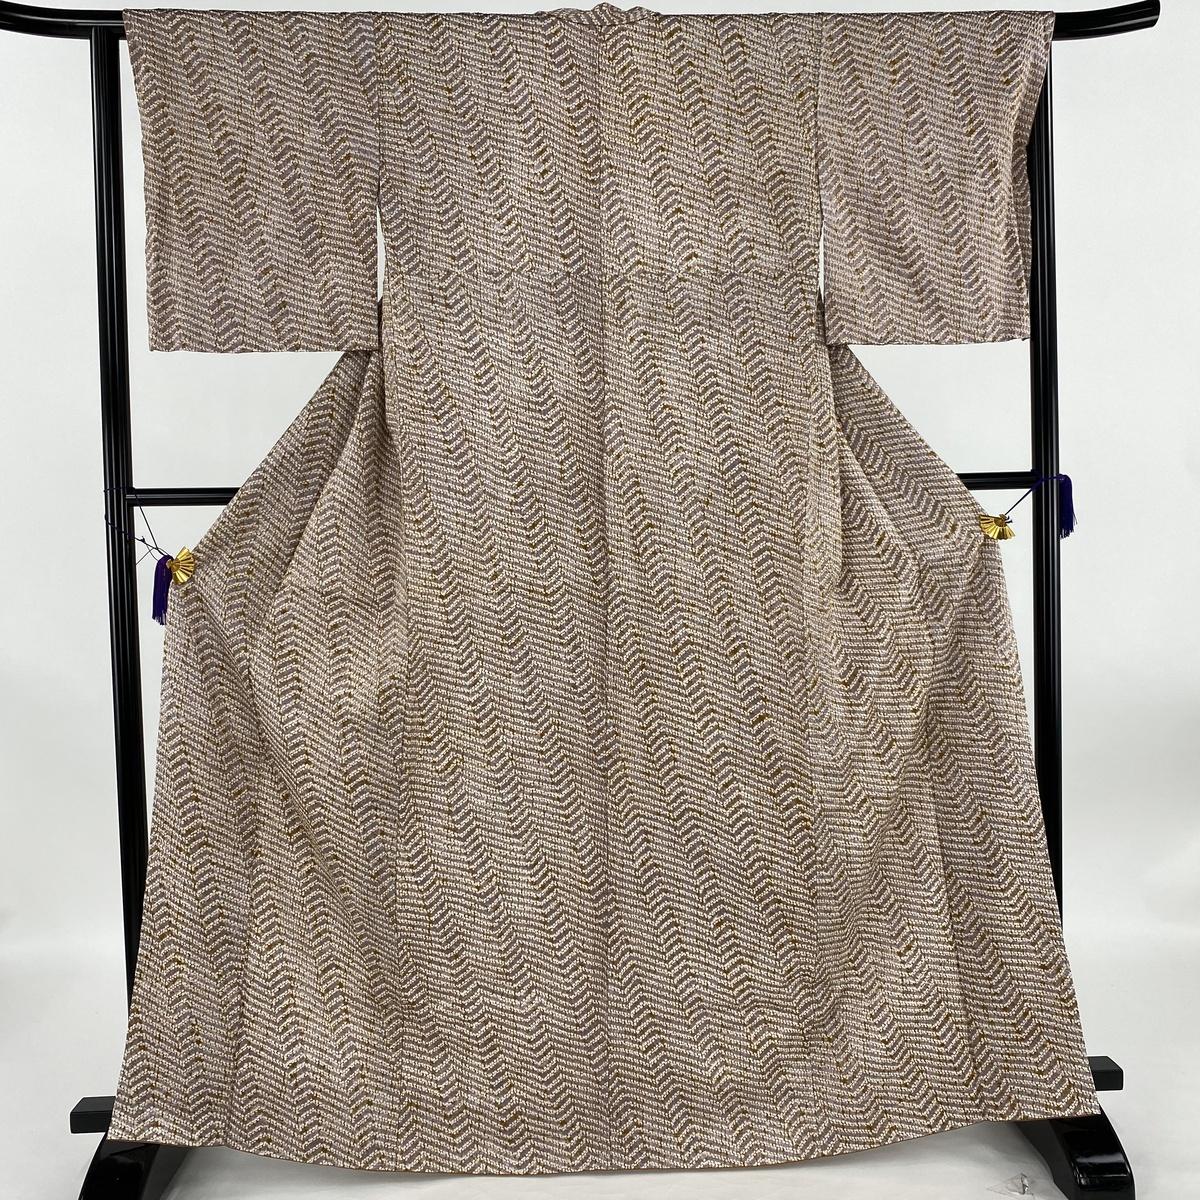 小紋 美品 秀品 斜縞 絞り 薄紫 袷 身丈165cm 裄丈64cm M 正絹 【中古】